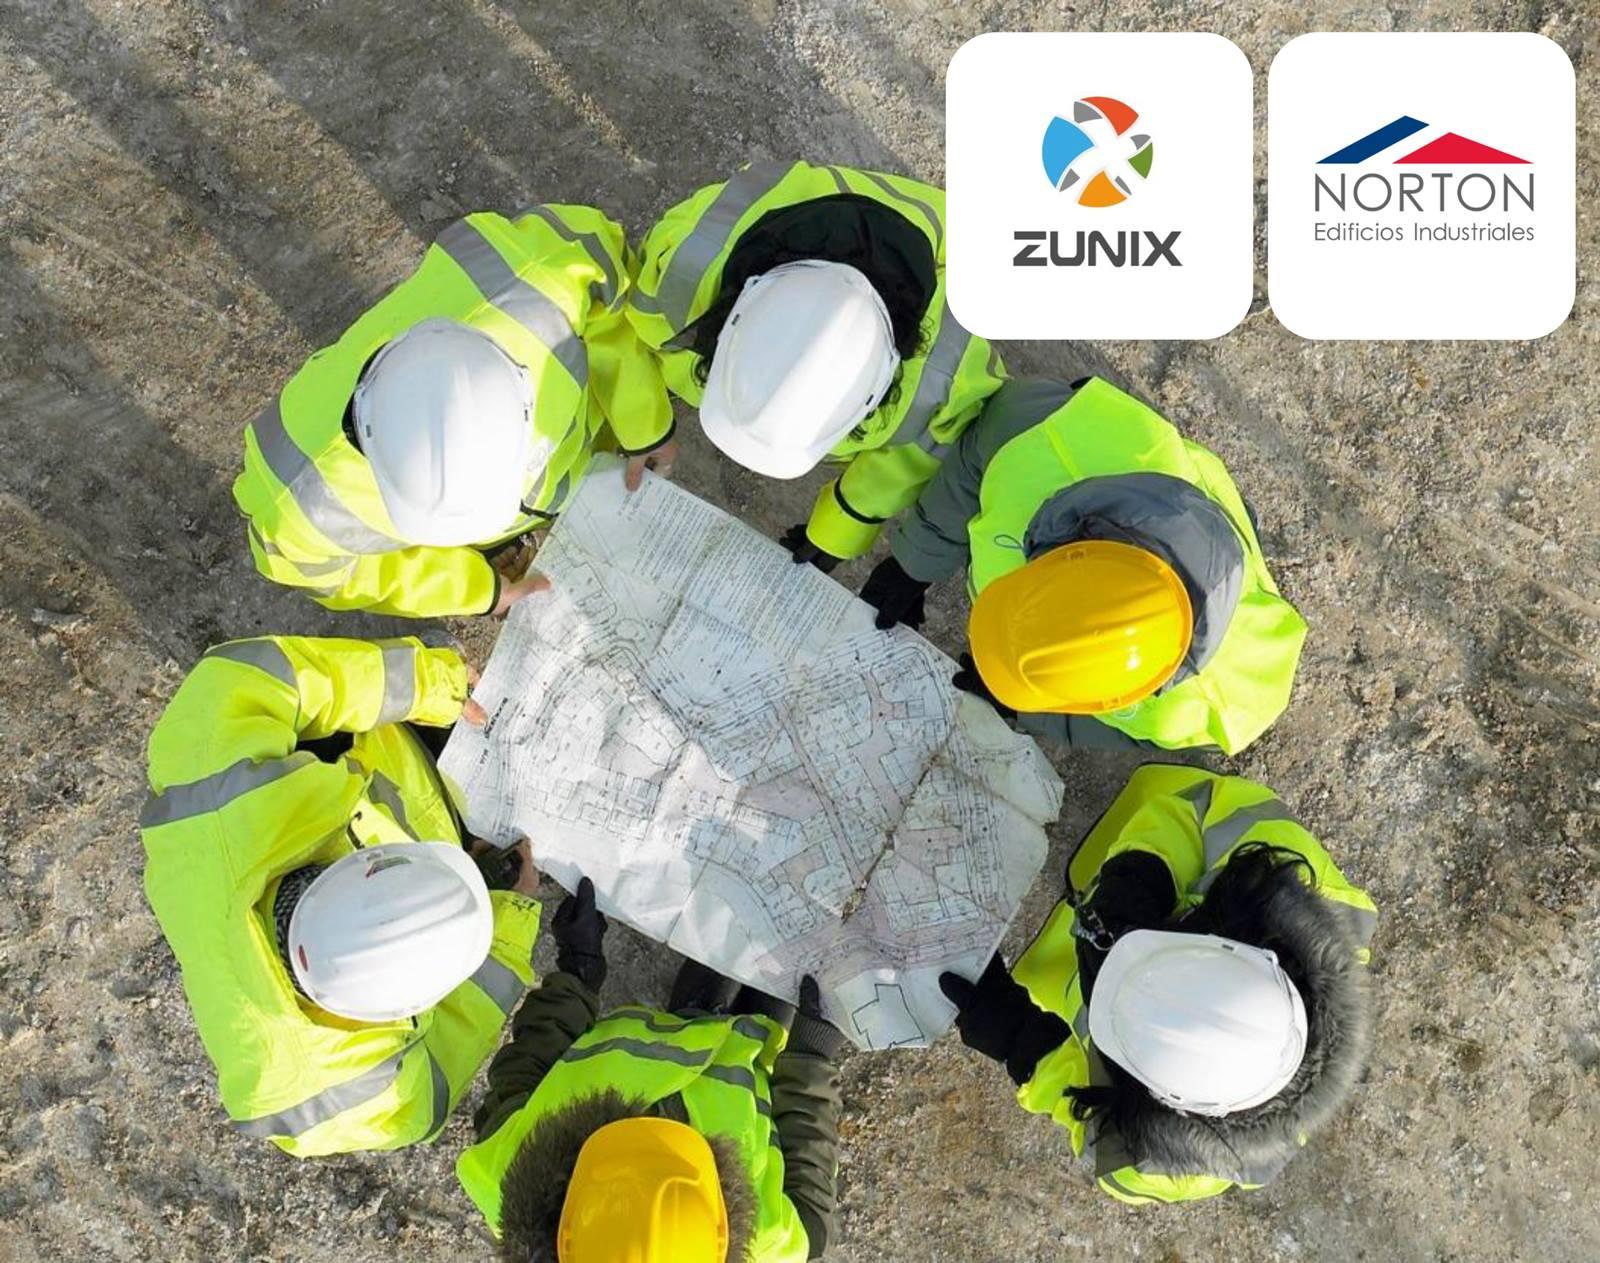 zunix refrigeracion norton edificios industriales